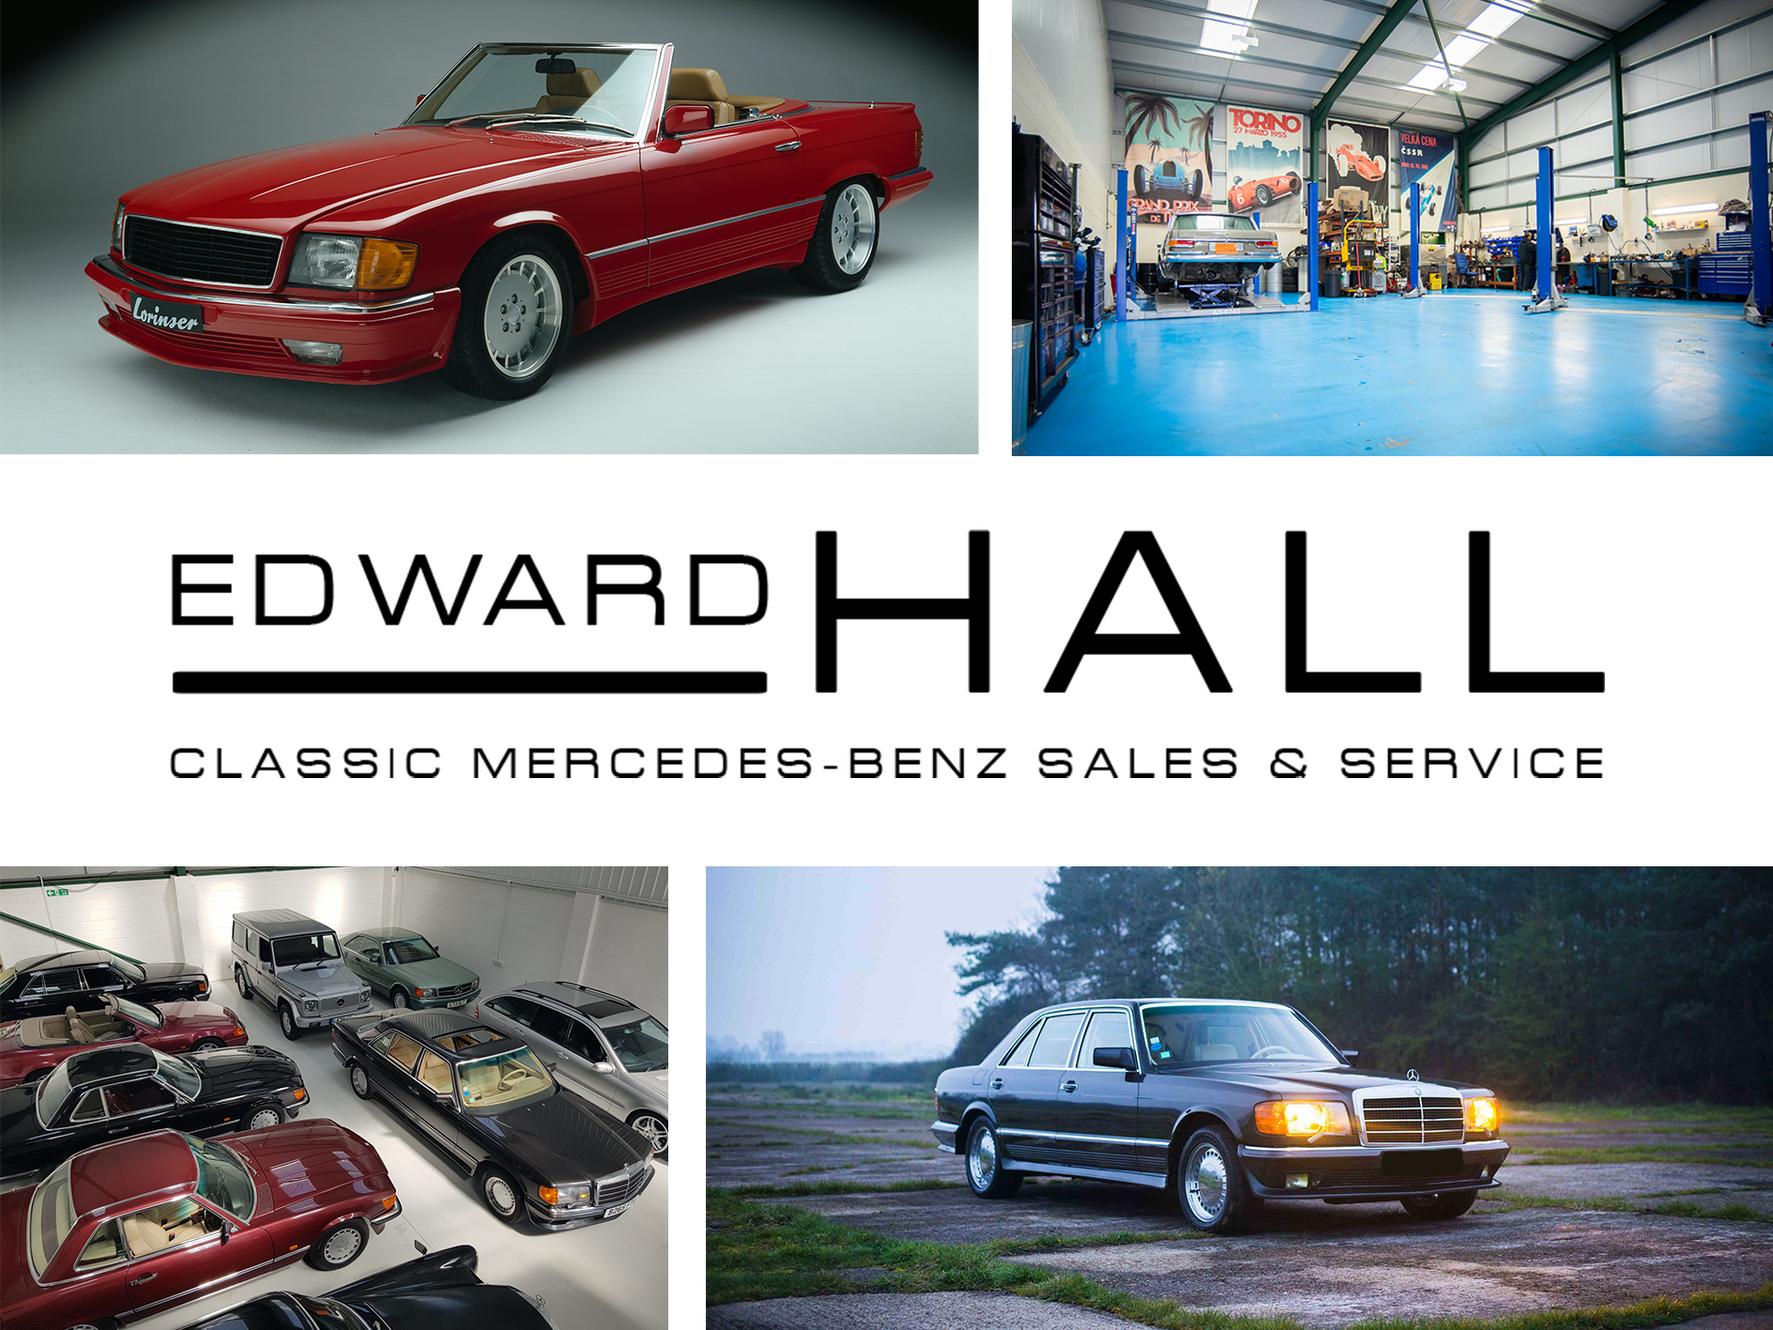 www.edward-hall.co.uk